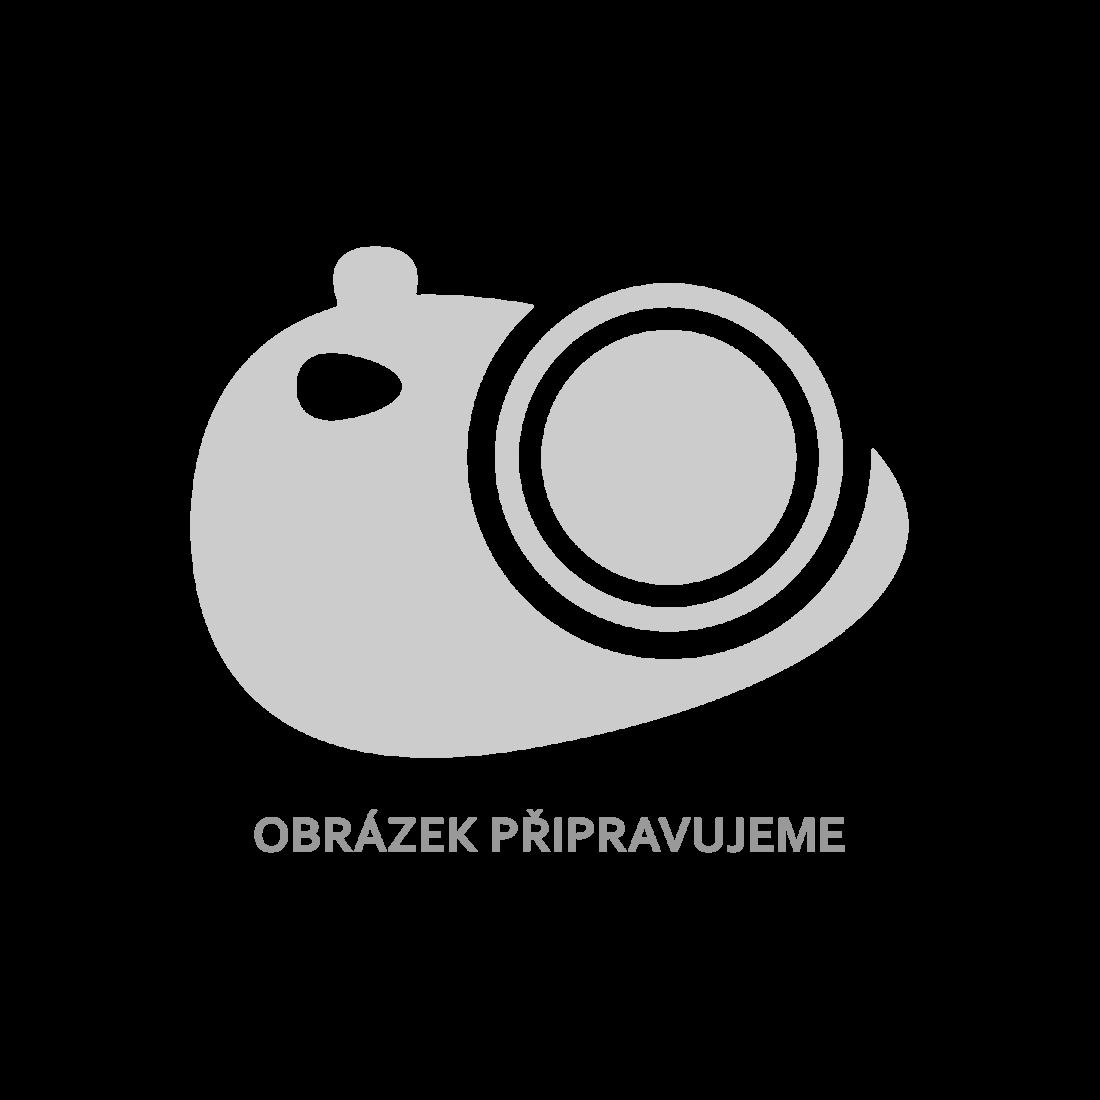 Křeslo s textilním čalouněním 73 x 66 x 77 cm žluté [246986]